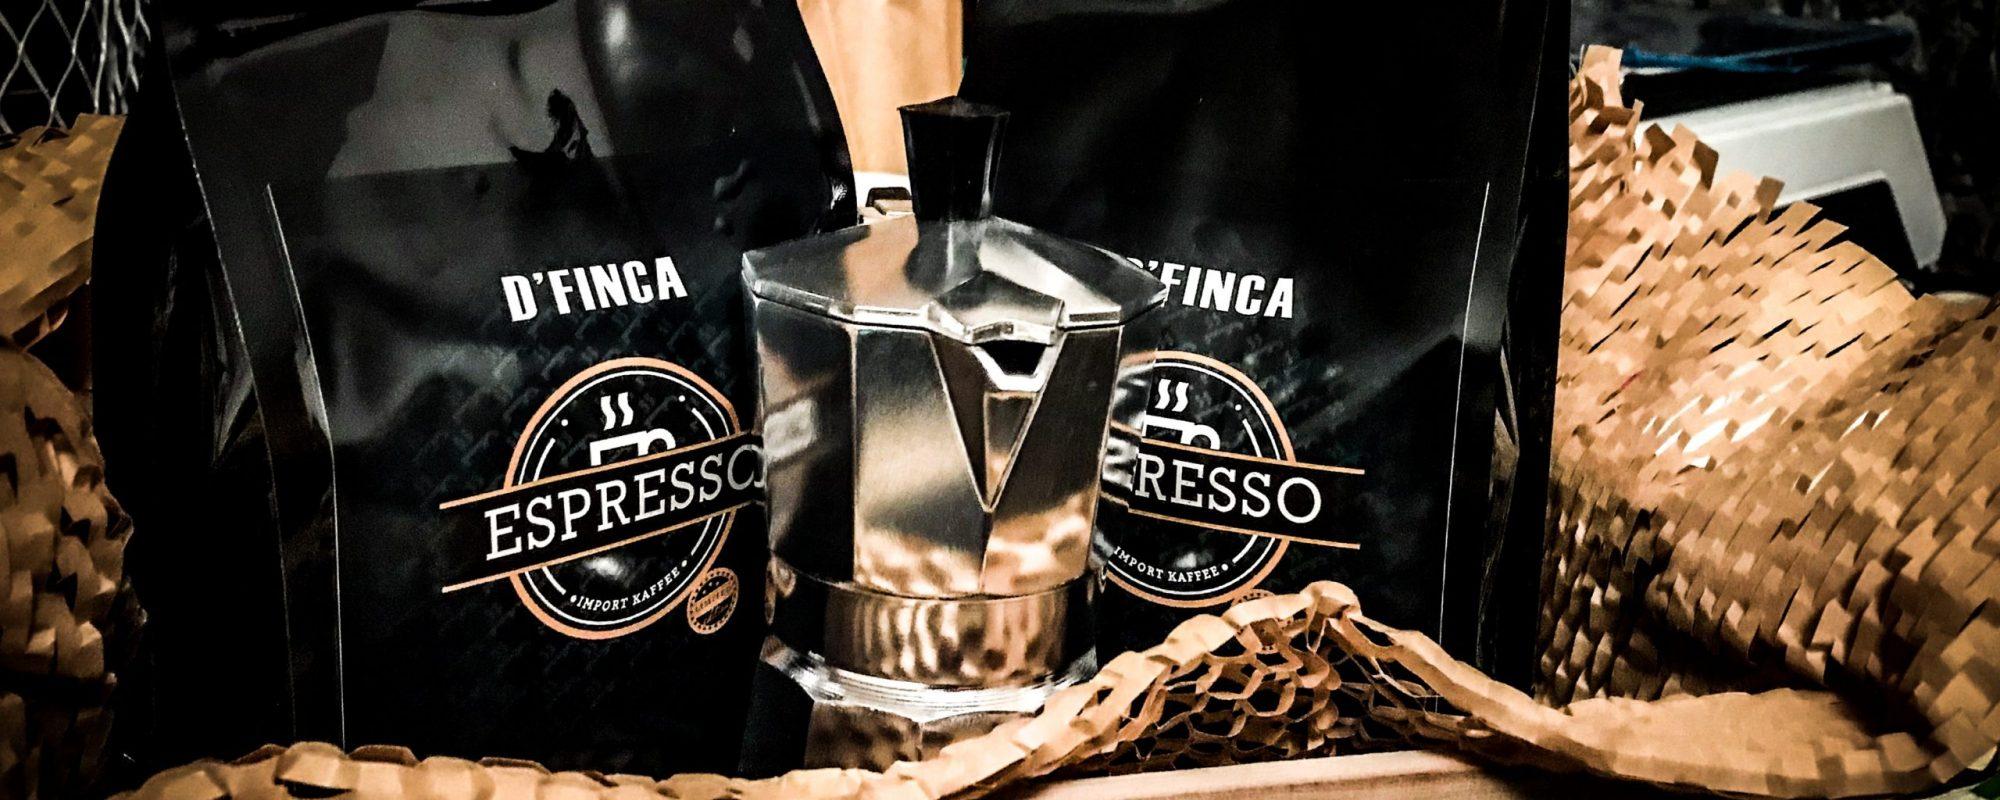 cms_kaffeeimportkaffee